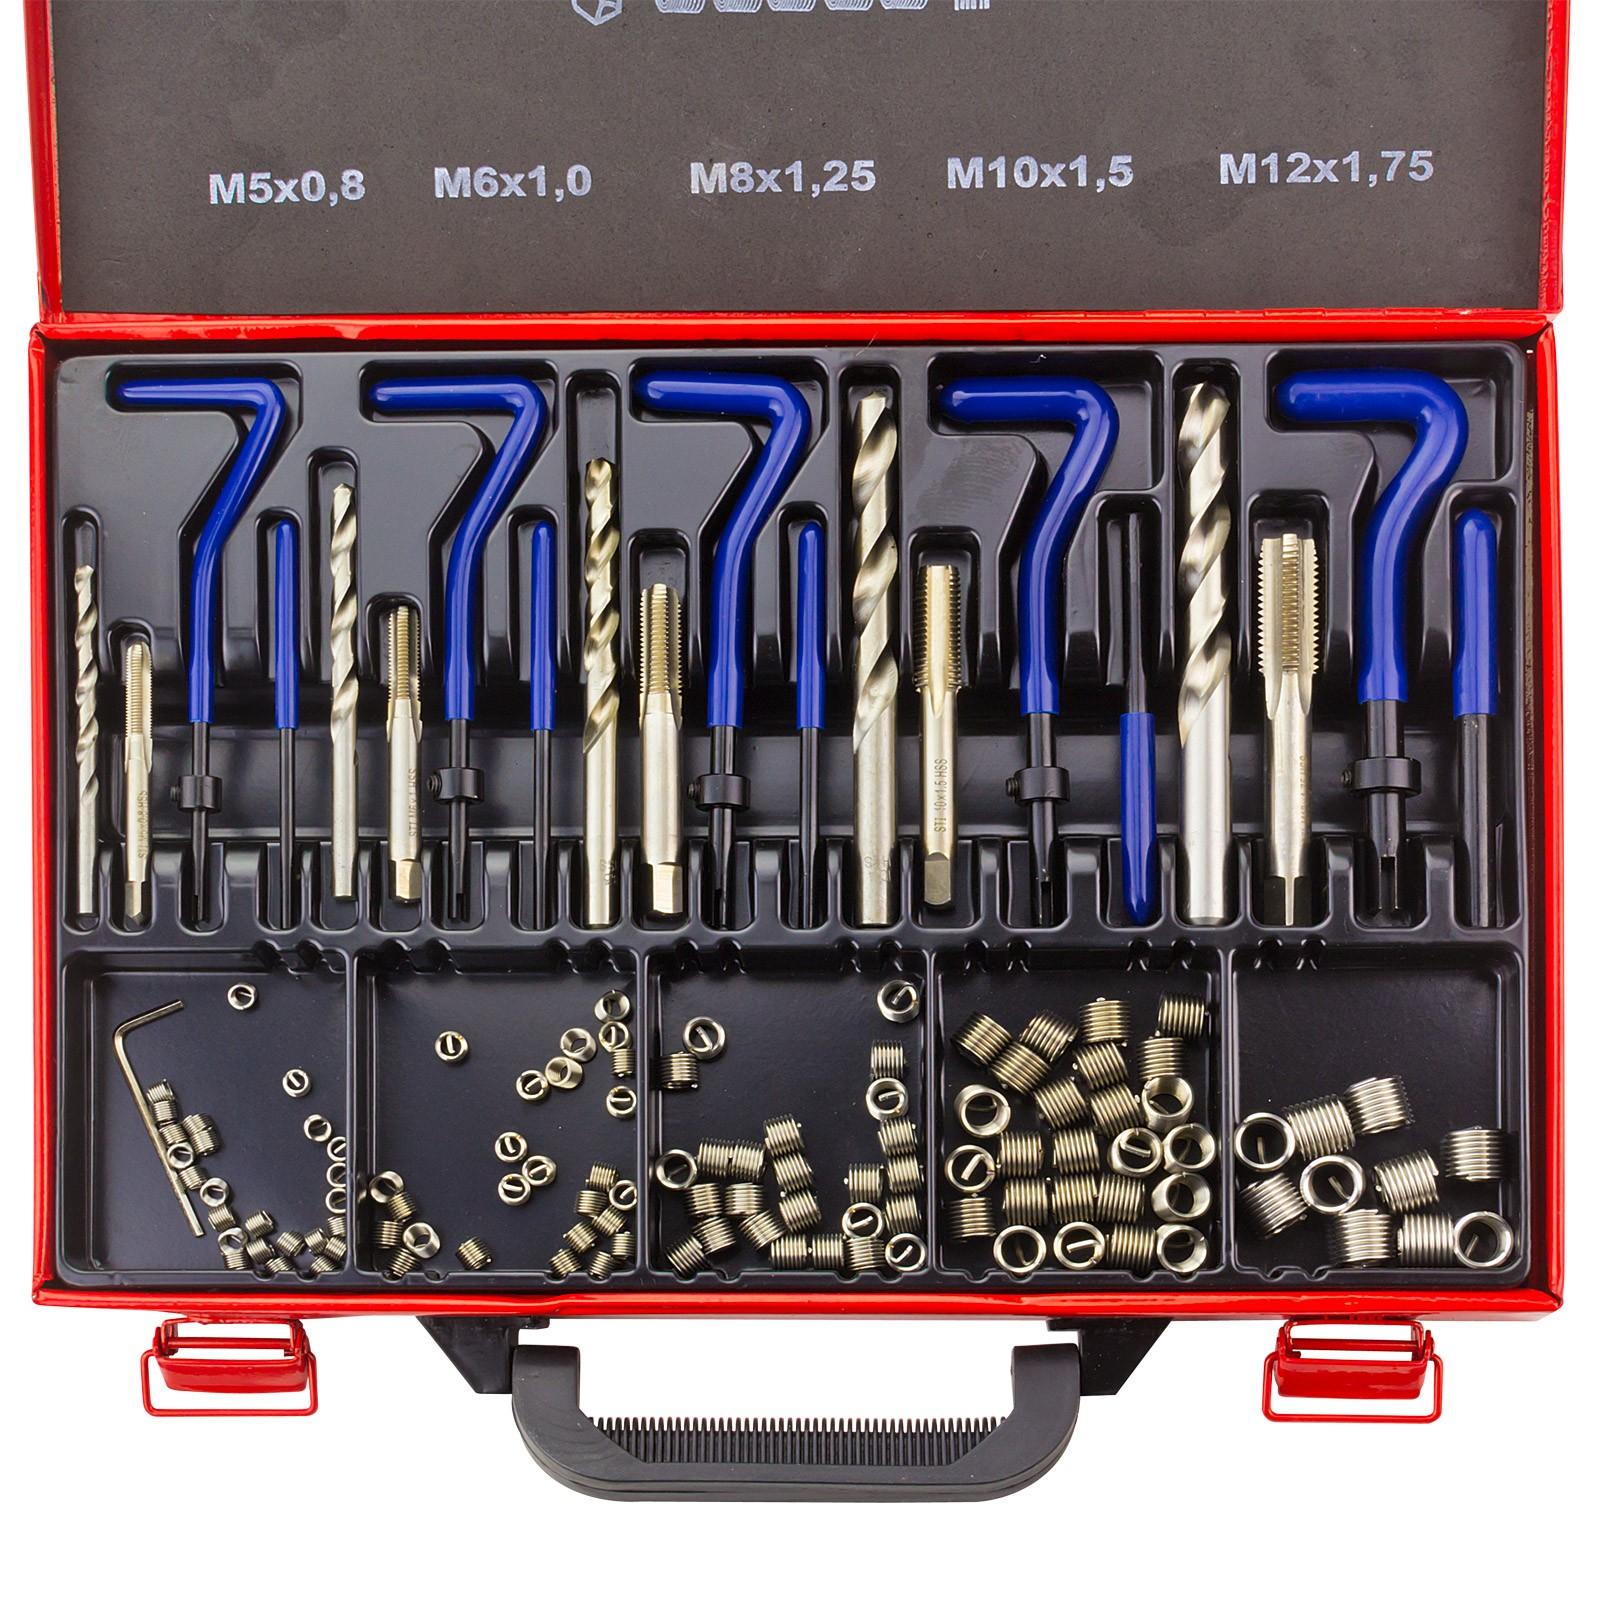 25-tlg Gewindereparatursatz Gewindereparatur-Einsatzsatz Kompatibler Handwerkzeugsatz f/ür die automatische Reparatur von M6 x 1,0 x 8,0 mm